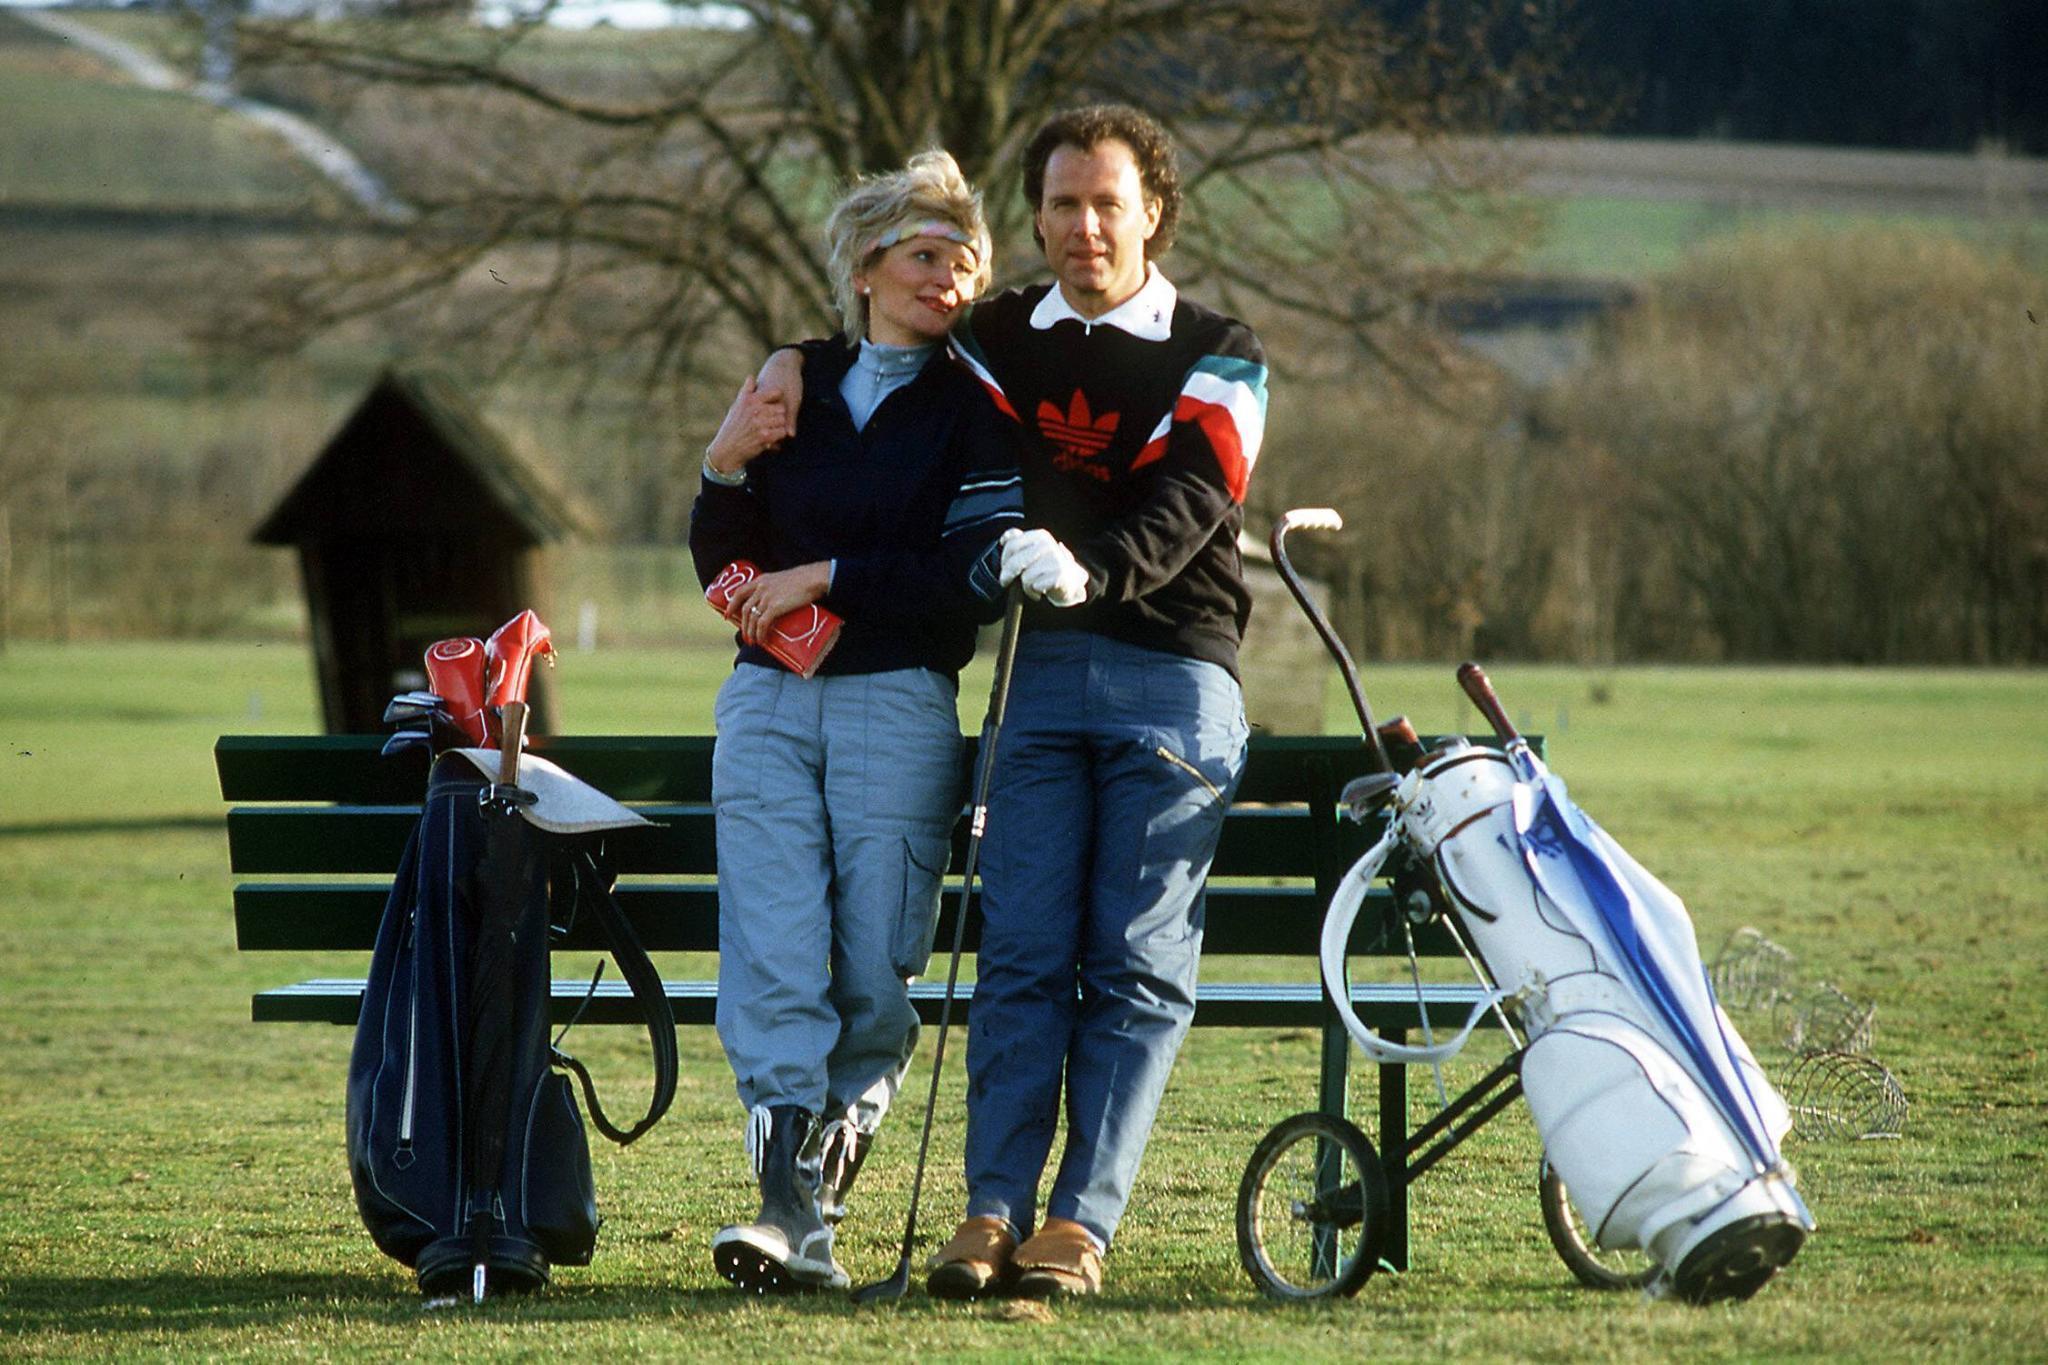 Franz Beckenbauer und seine ehemalige Freundin Diana Sandmann relaxen beim Golfen an einer Parkbank